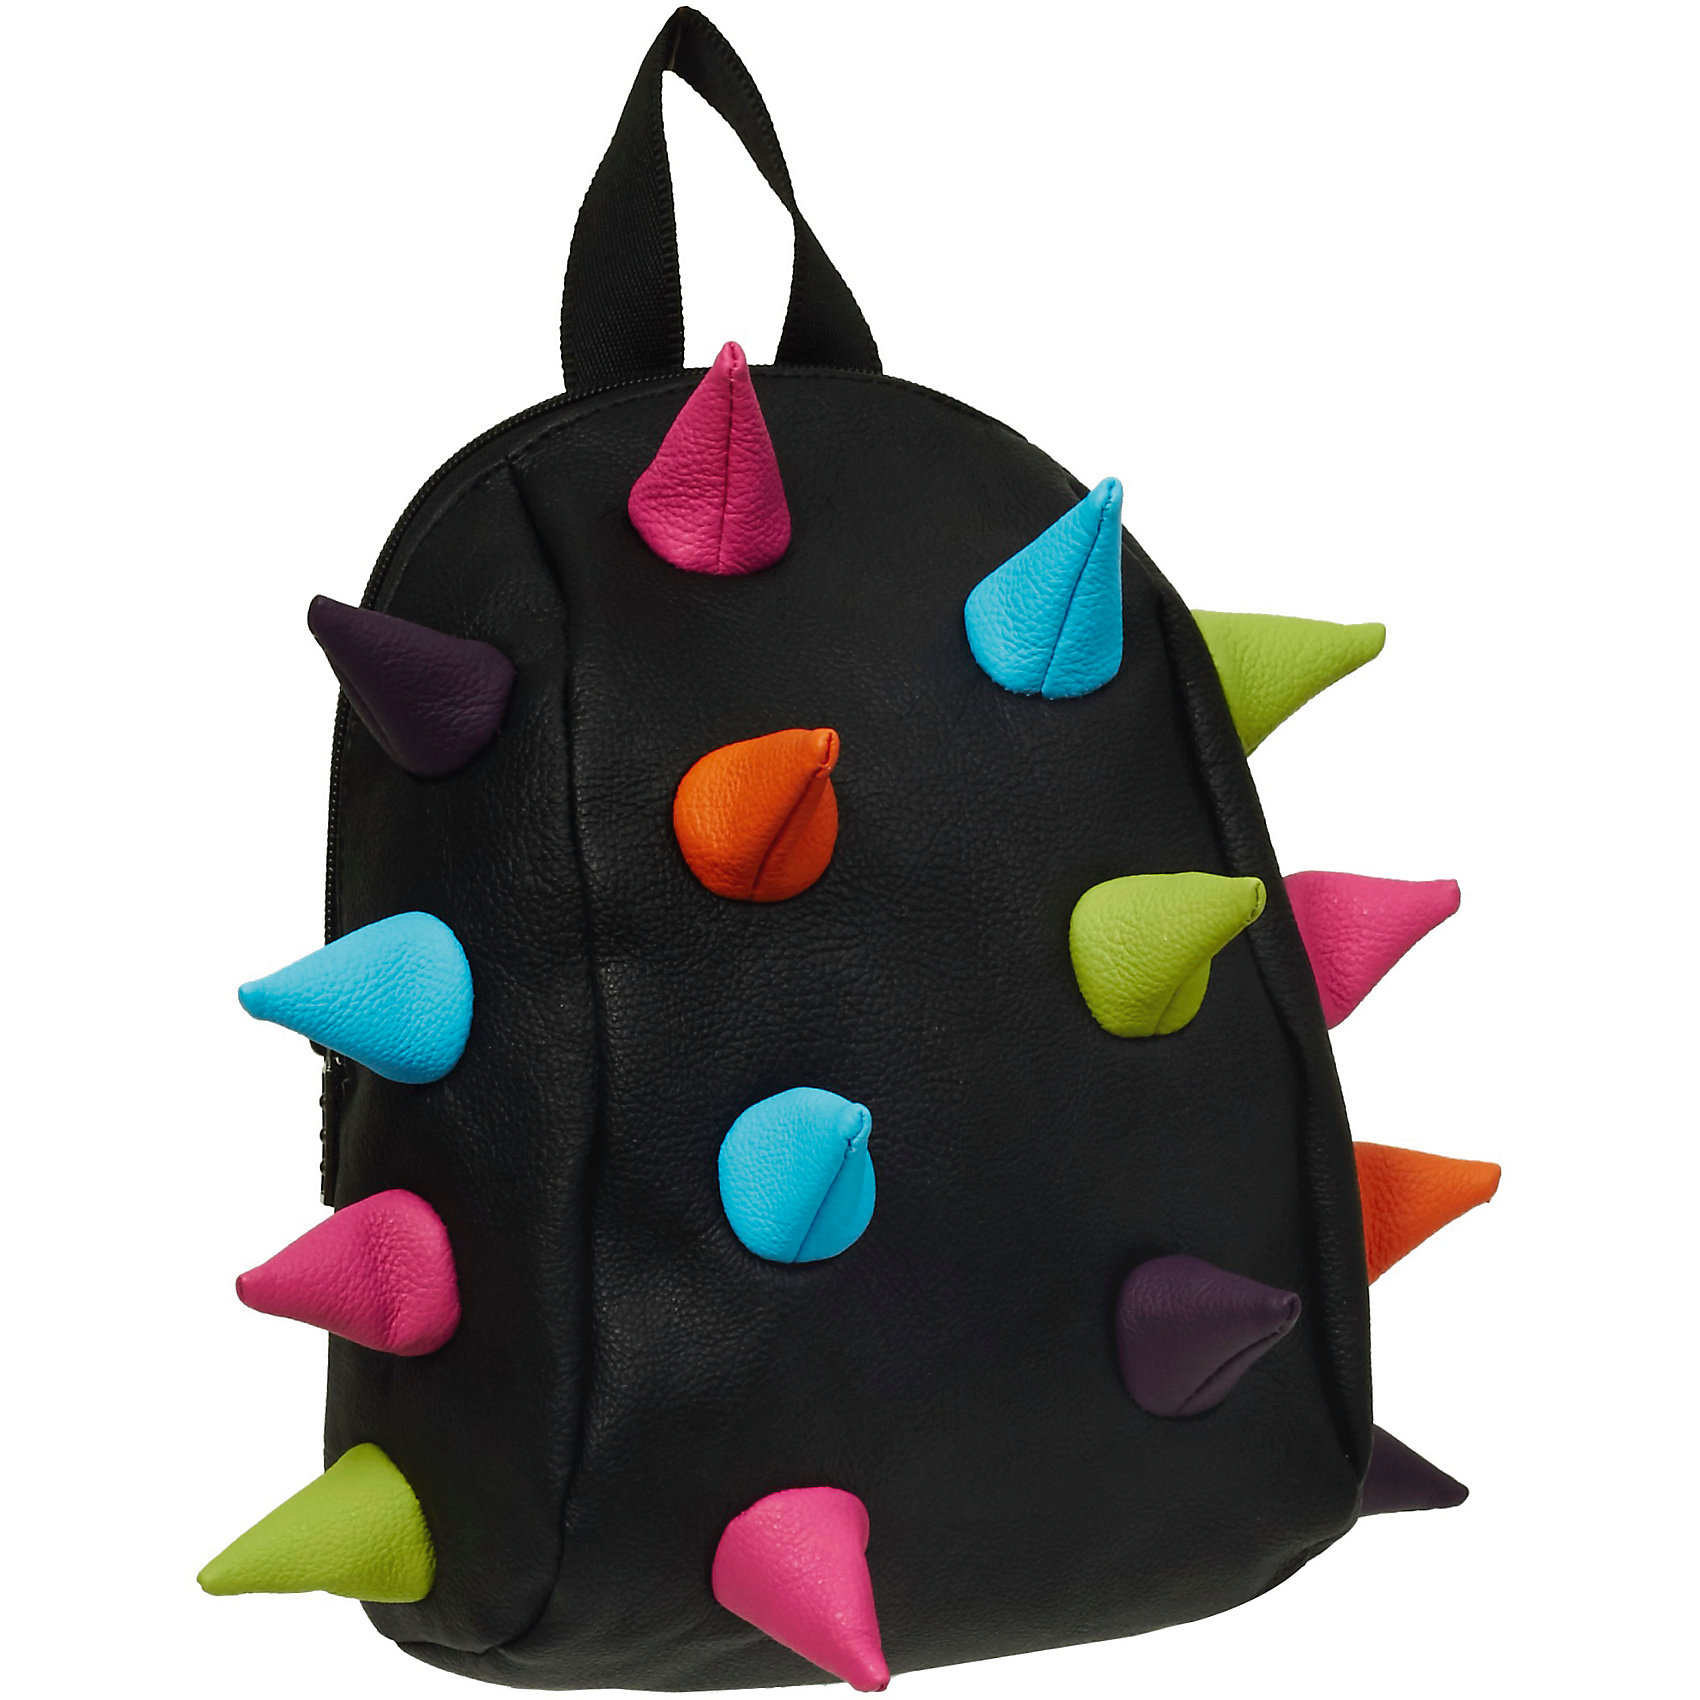 Рюкзак Rex Pint Mini 2, цвет черный мультиАксессуары<br>Стильный рюкзак-мини «Rex Mini» несомненно порадует маленьких детей.<br>Маленькие вместительные монстрики, приведут в восторг беззаботных детишек, а заодно решат проблему родителей с хранением всякой мелочи, как например, запасной футболки с любимым героем мультфильма, карандашами и другими мелкими, но не менее необходимыми личными вещами малышей.<br>Рюкзак имеет один просторный отсек с застежкой на молнию, длину лямок можно легко регулировать.<br><br>Ширина мм: 31<br>Глубина мм: 23<br>Высота мм: 15<br>Вес г: 272<br>Возраст от месяцев: 36<br>Возраст до месяцев: 420<br>Пол: Унисекс<br>Возраст: Детский<br>SKU: 5344330